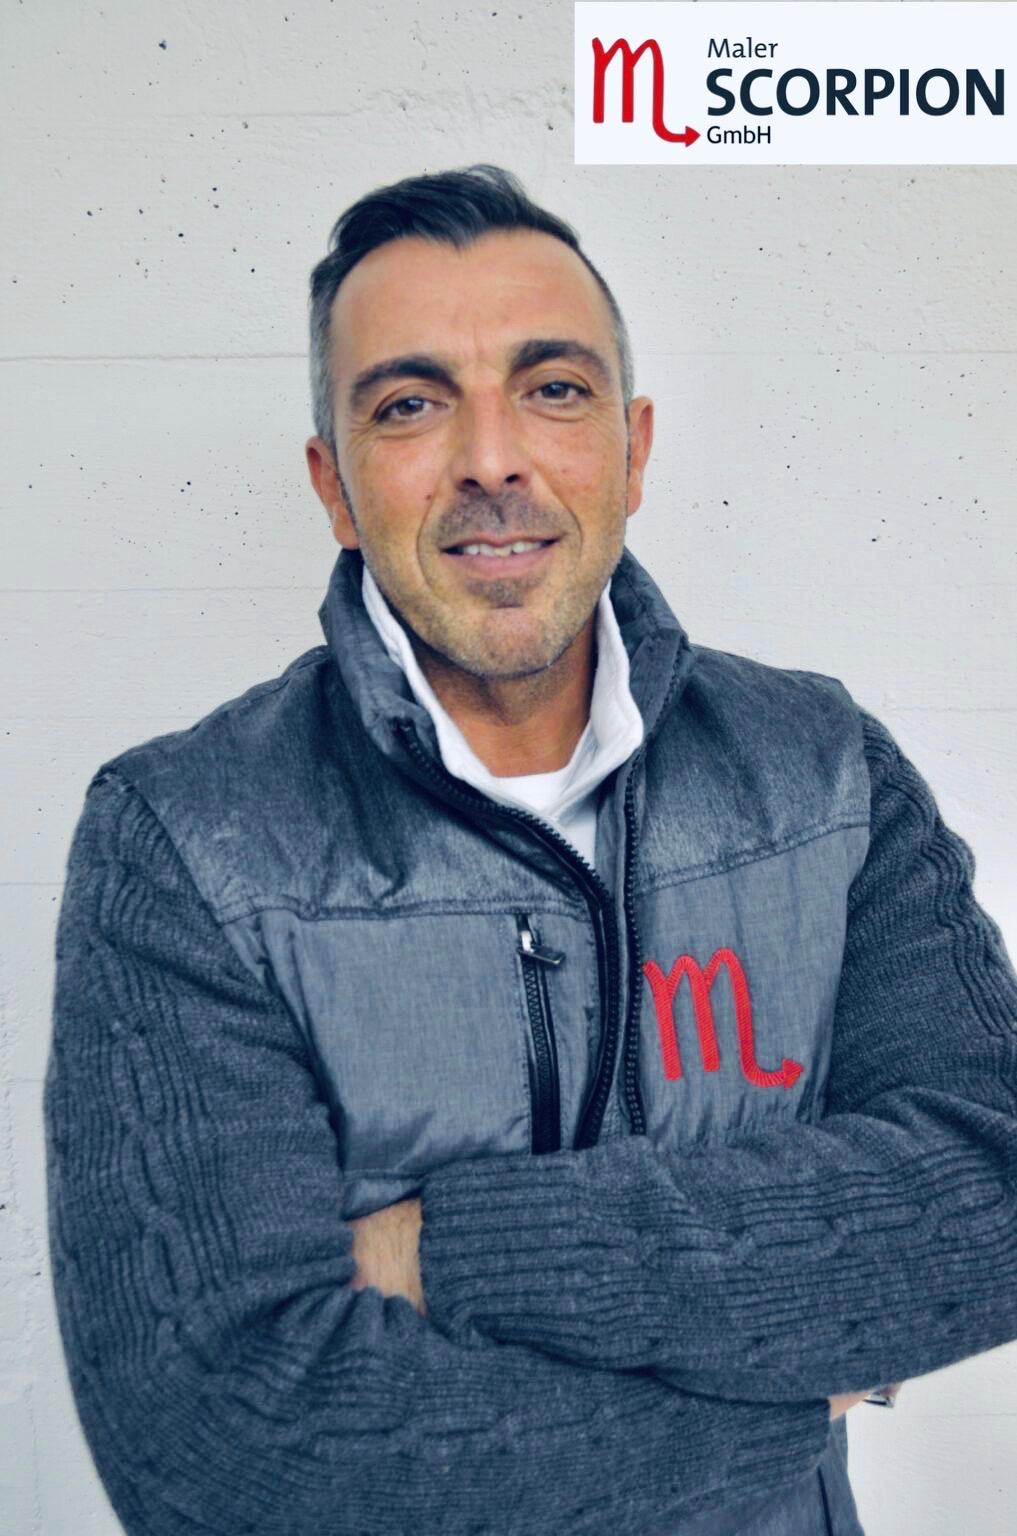 Antonio Megna